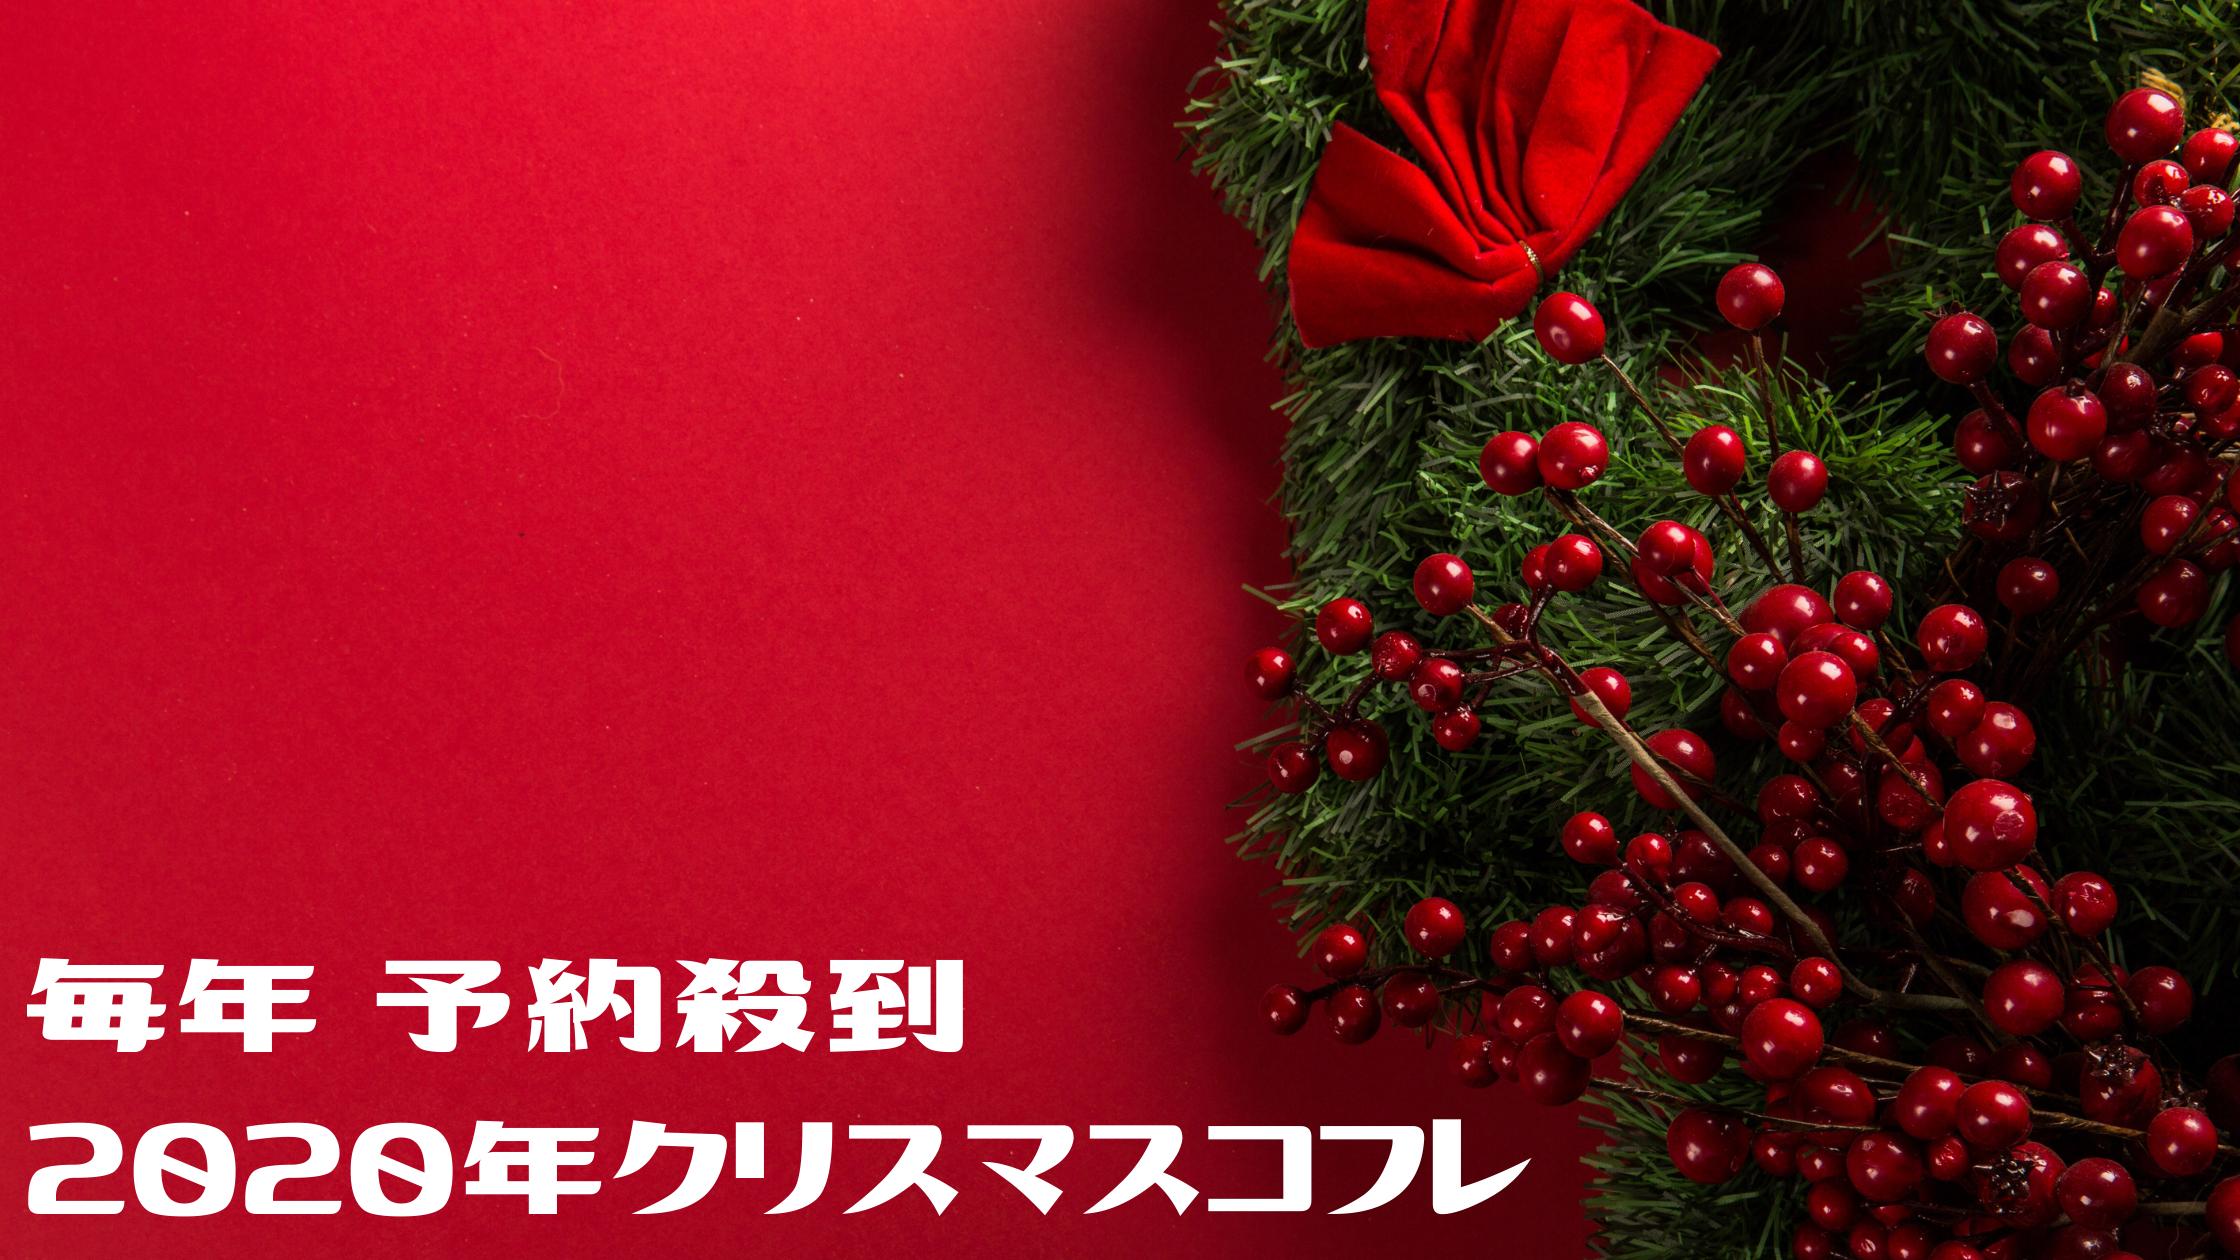 【めざましテレビ】人気ブランドは毎年完売『イヴ・サンローラン』『RMK』『ポール&ジョー』『THREE』【2020年クリスマスコフレ】